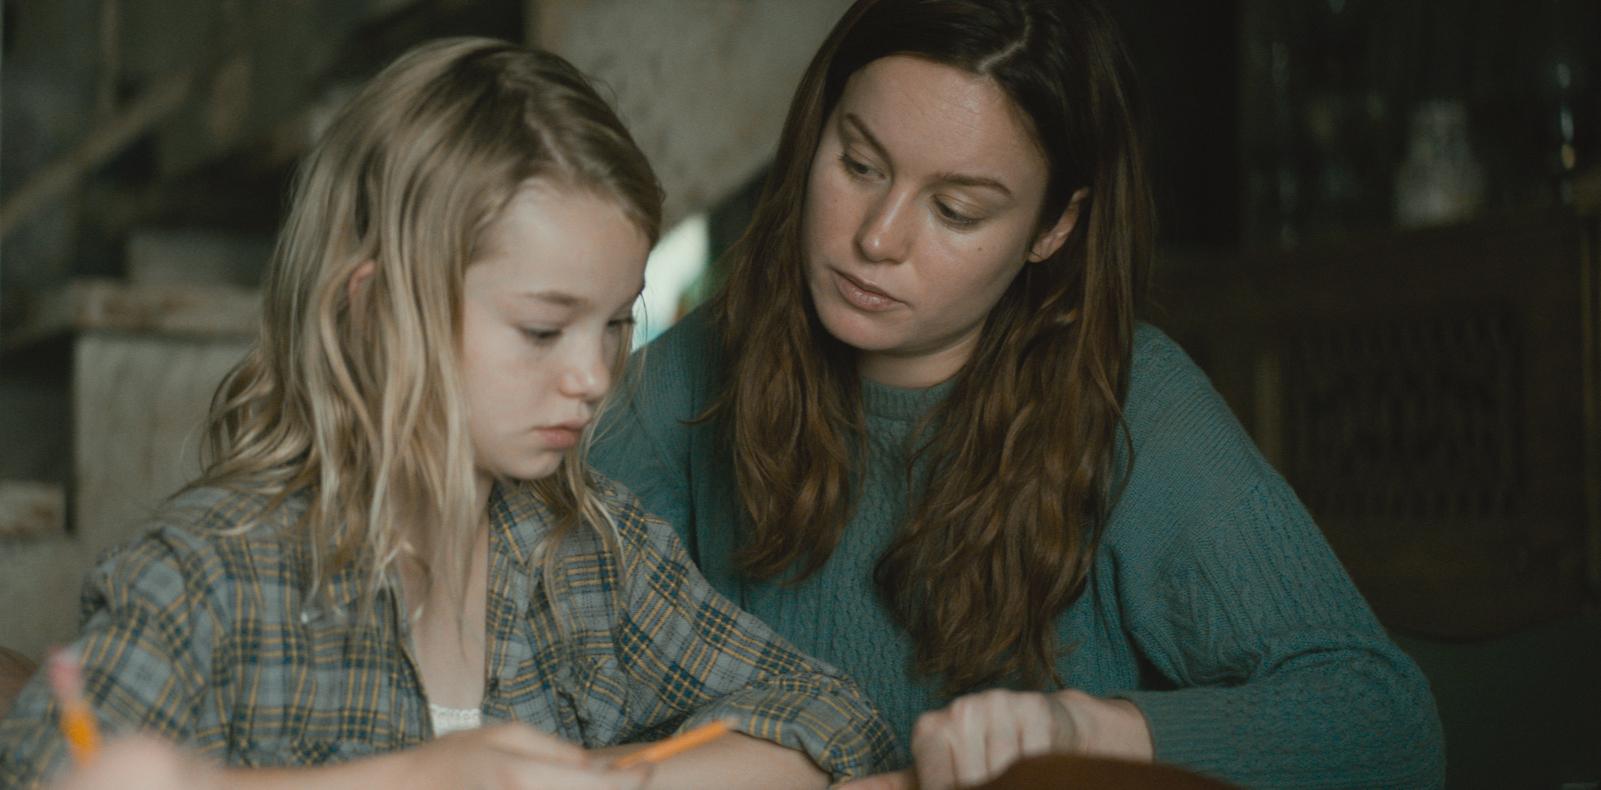 Il castello di vetro: Brie Larson, Shree Crooks in una scena